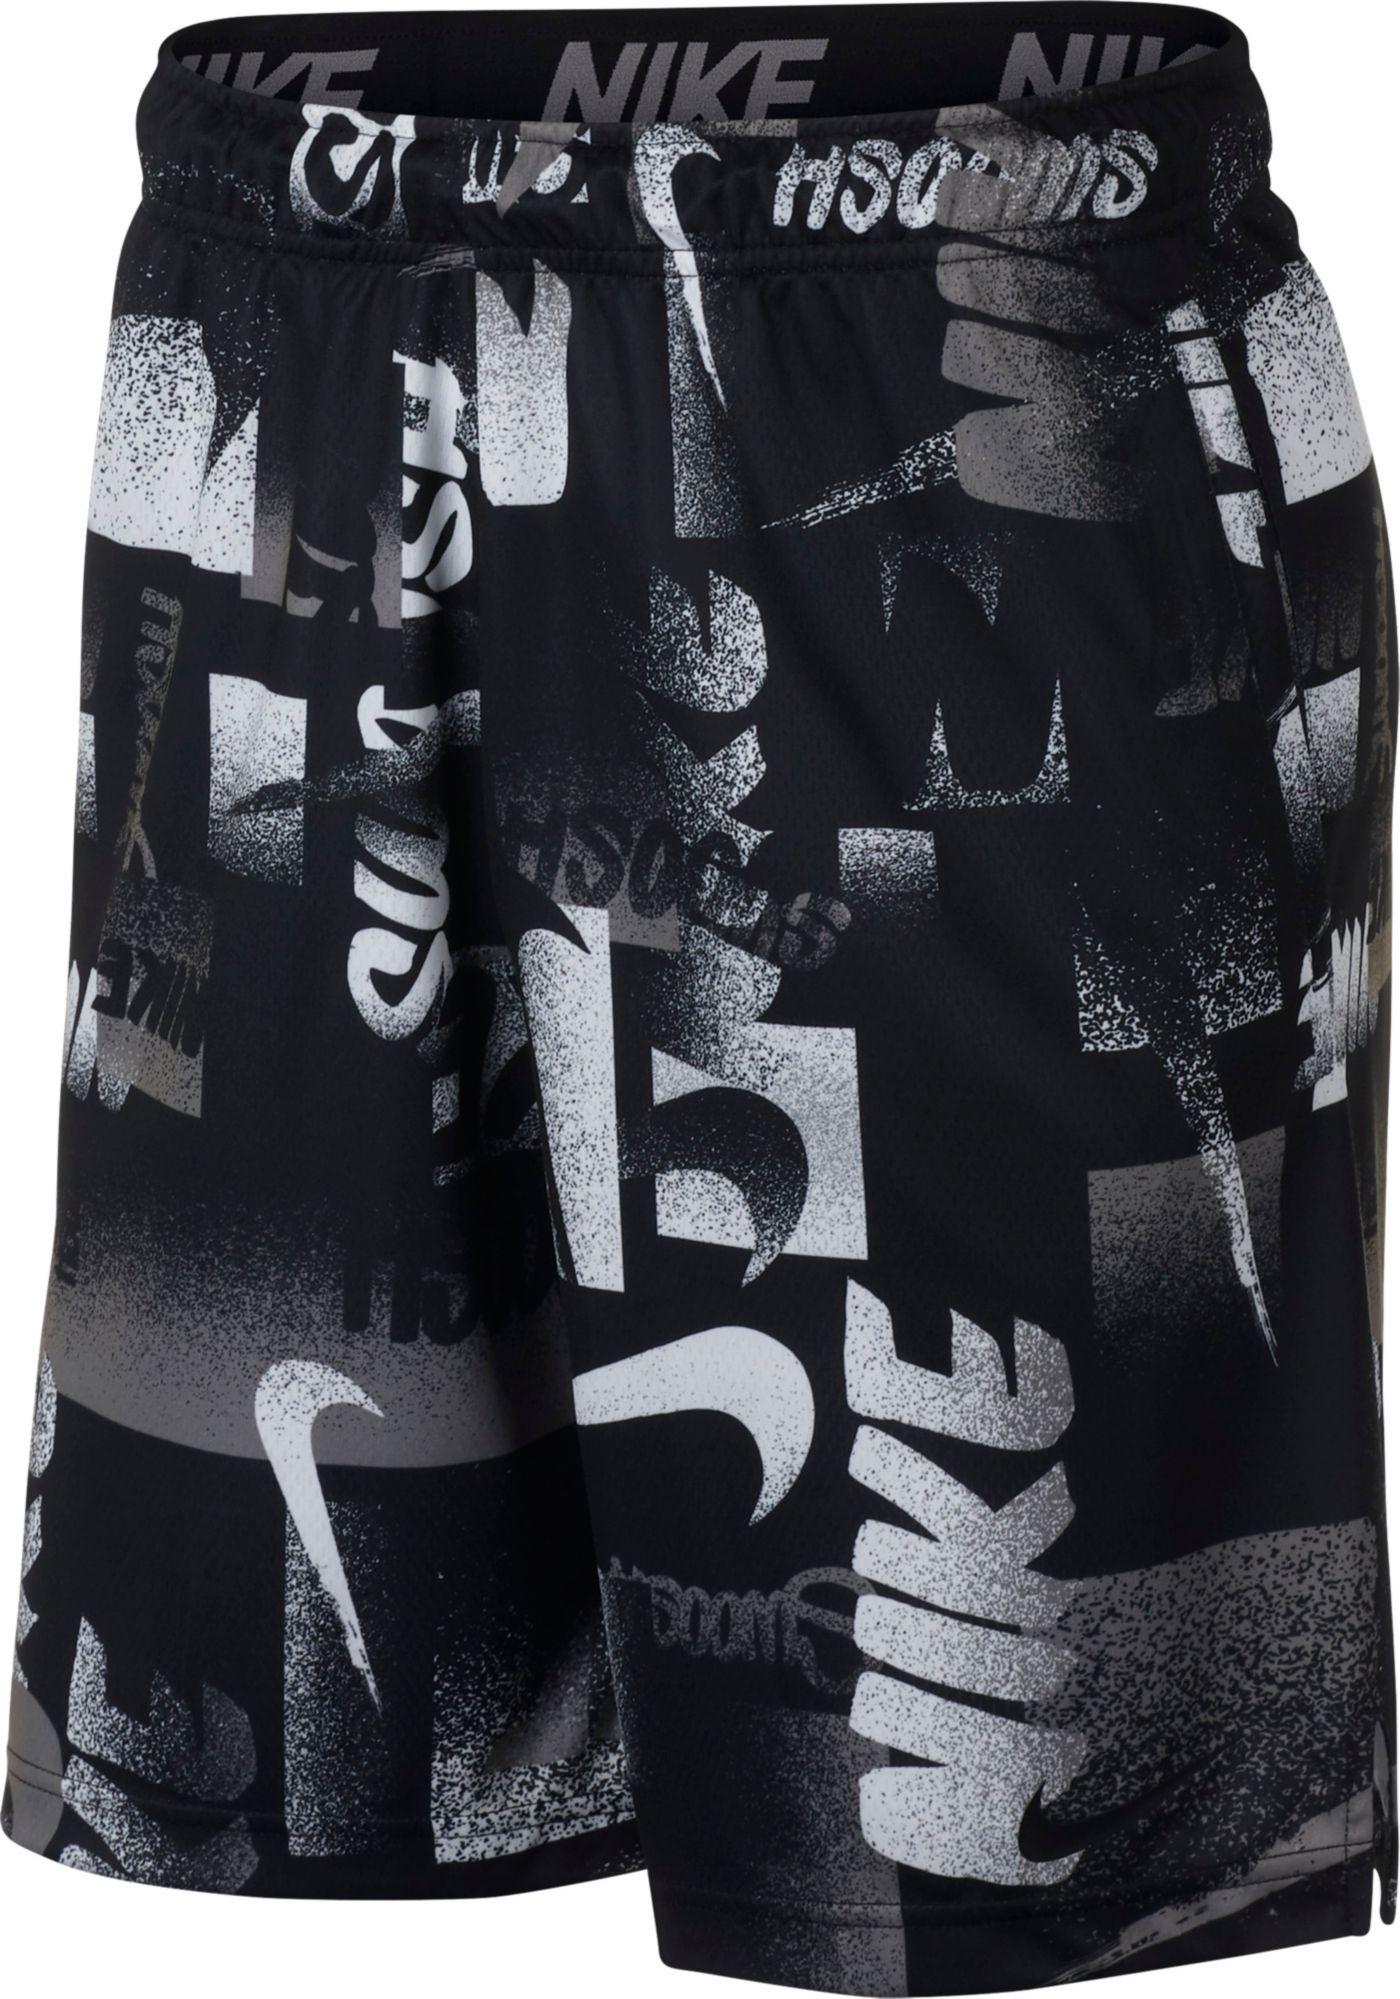 Nike Men's Dry Allover Print 4.0 Training Shorts